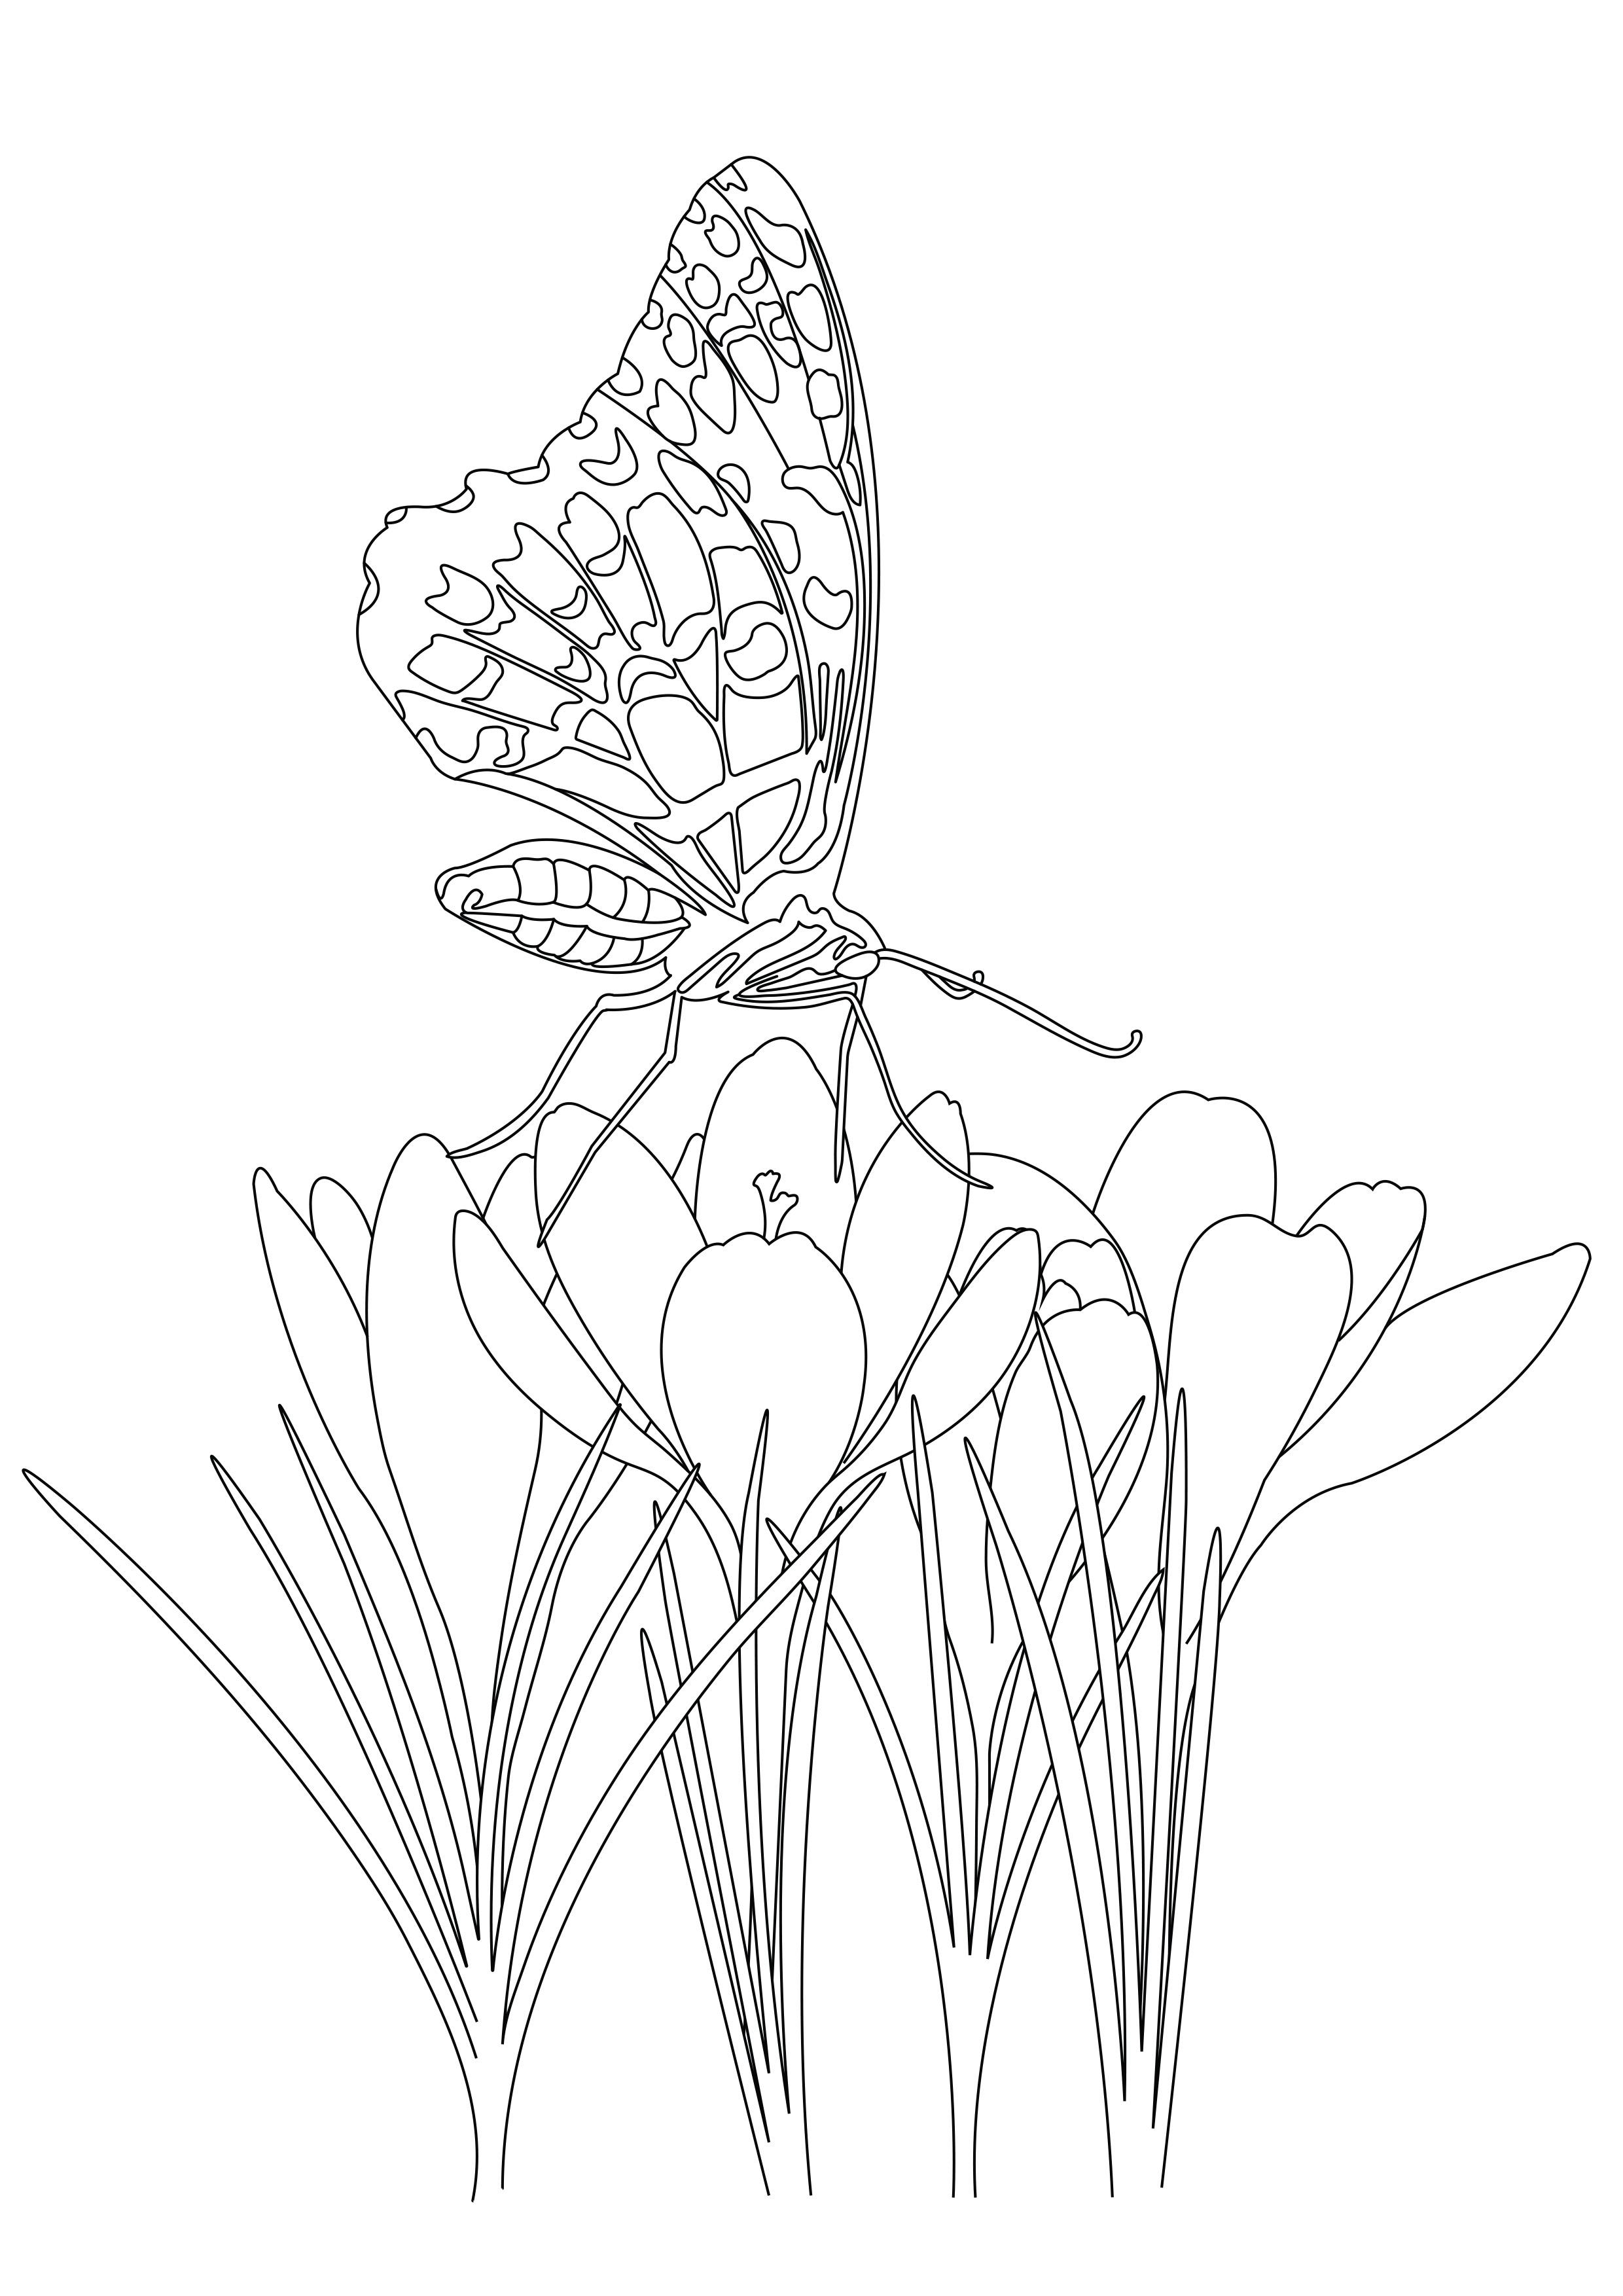 Colorear para adultos : Insectos - 4